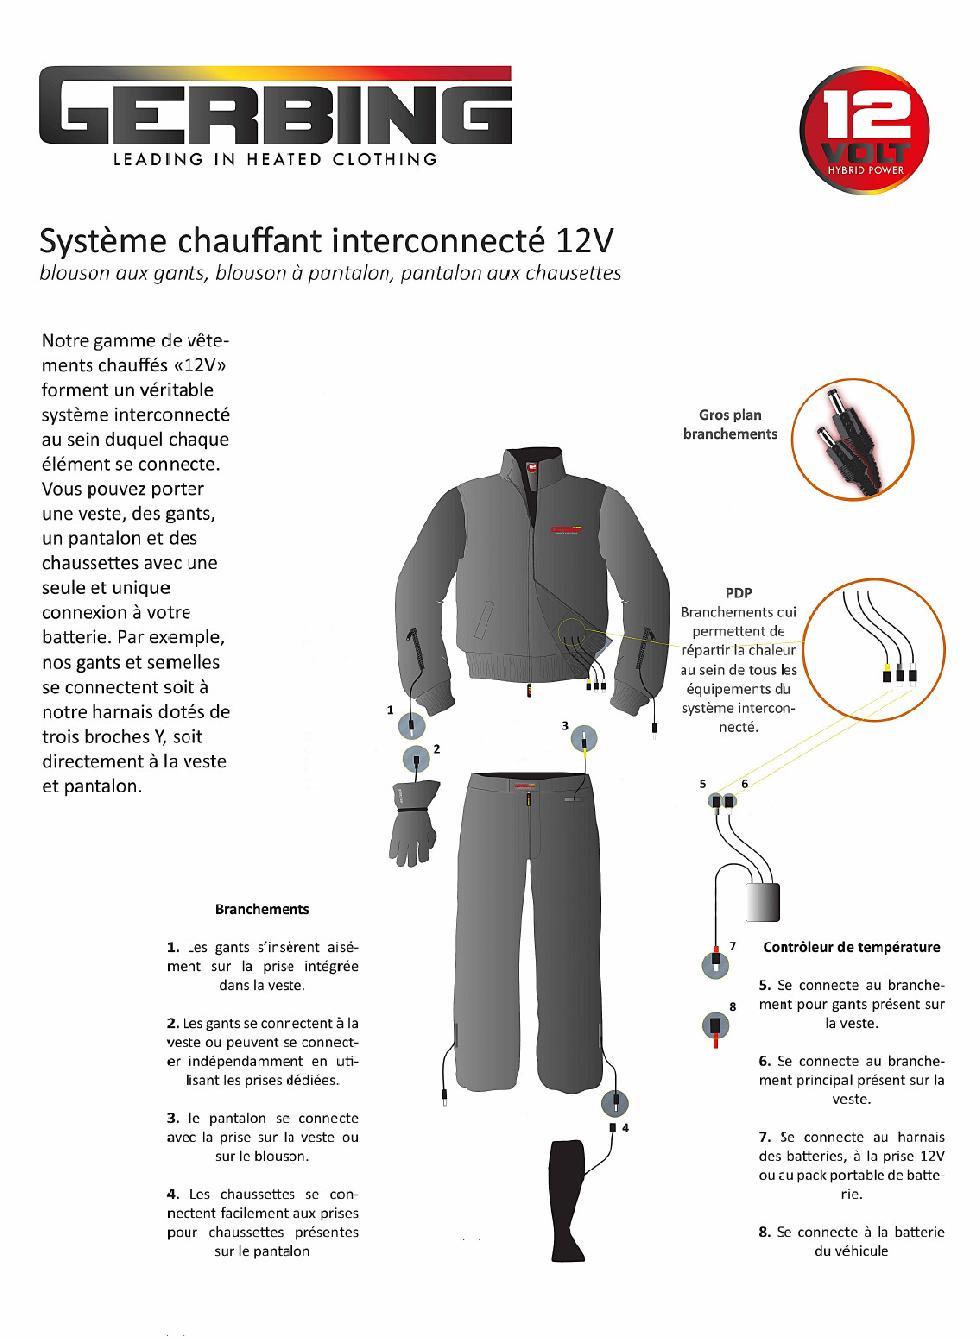 PL12 - Pantalon chauffant Gerbing Unisexe 12V sans batterie - Image 1